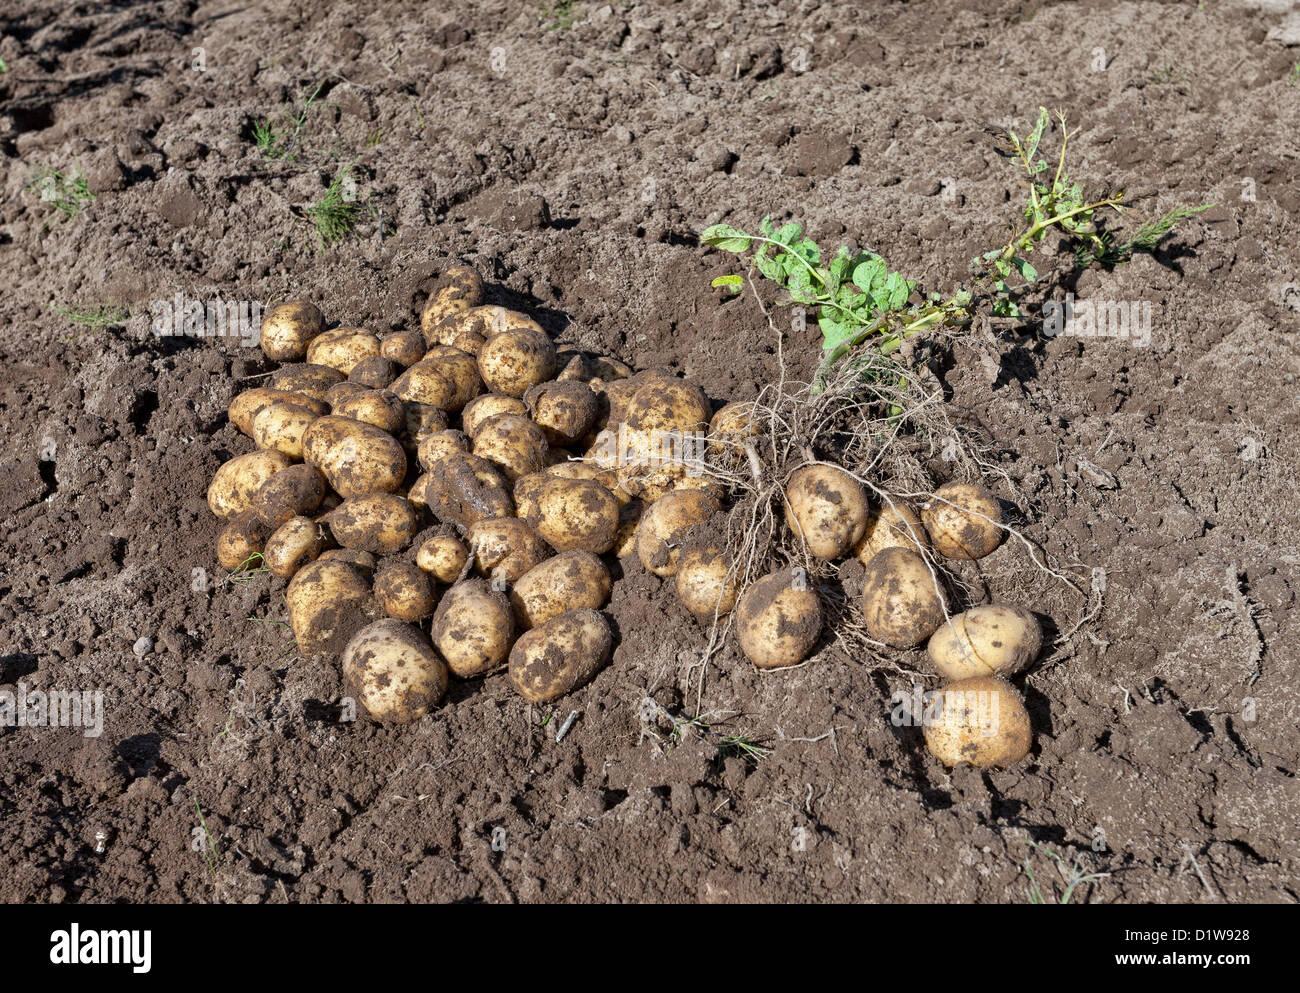 La récolte des pommes de terre de culture biologique Photo Stock